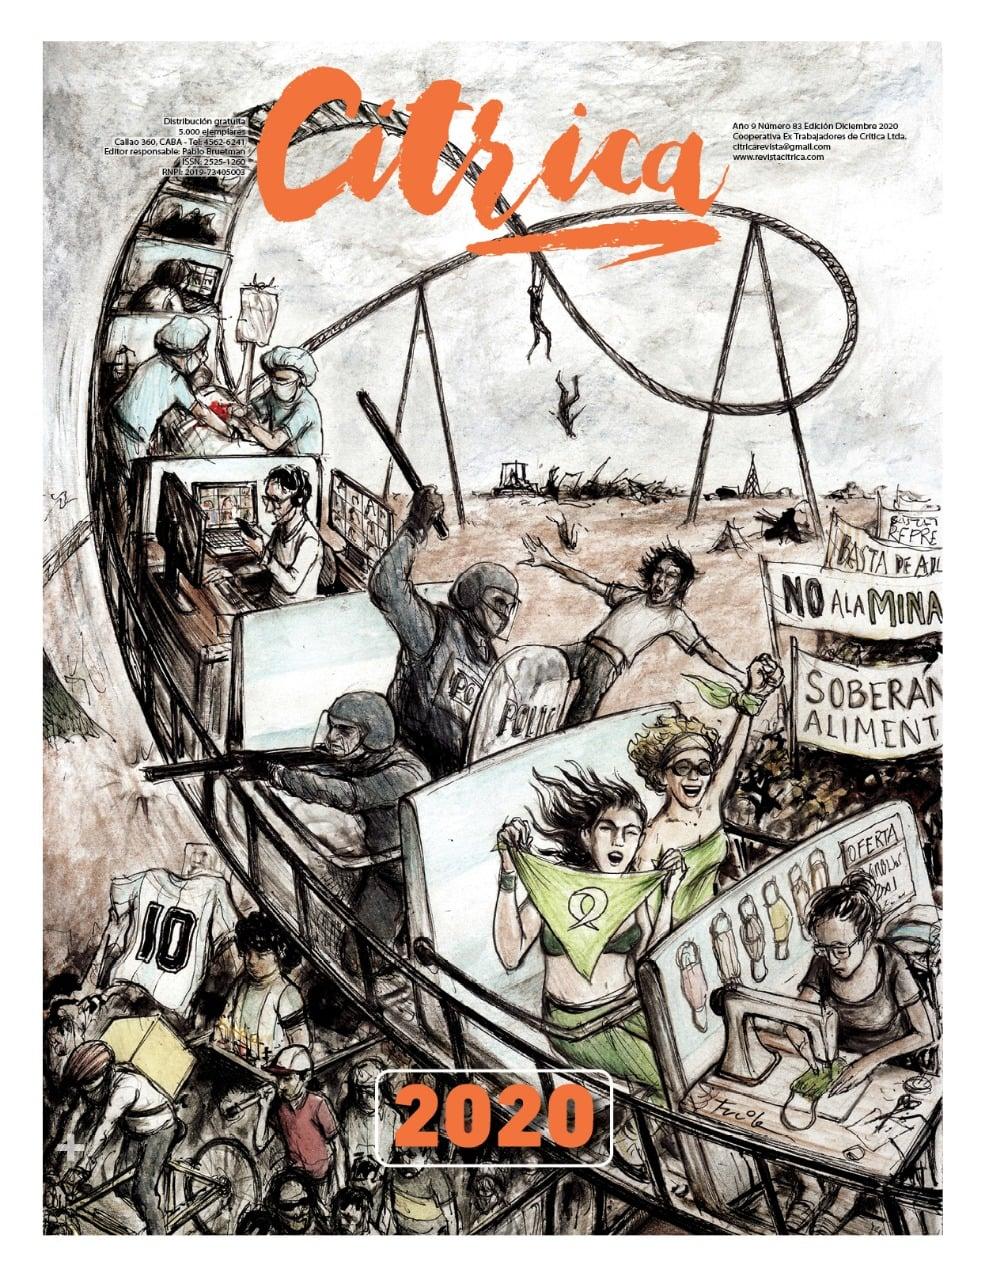 Ilustración de tapa Revista Cítrica, diciembre 2020.